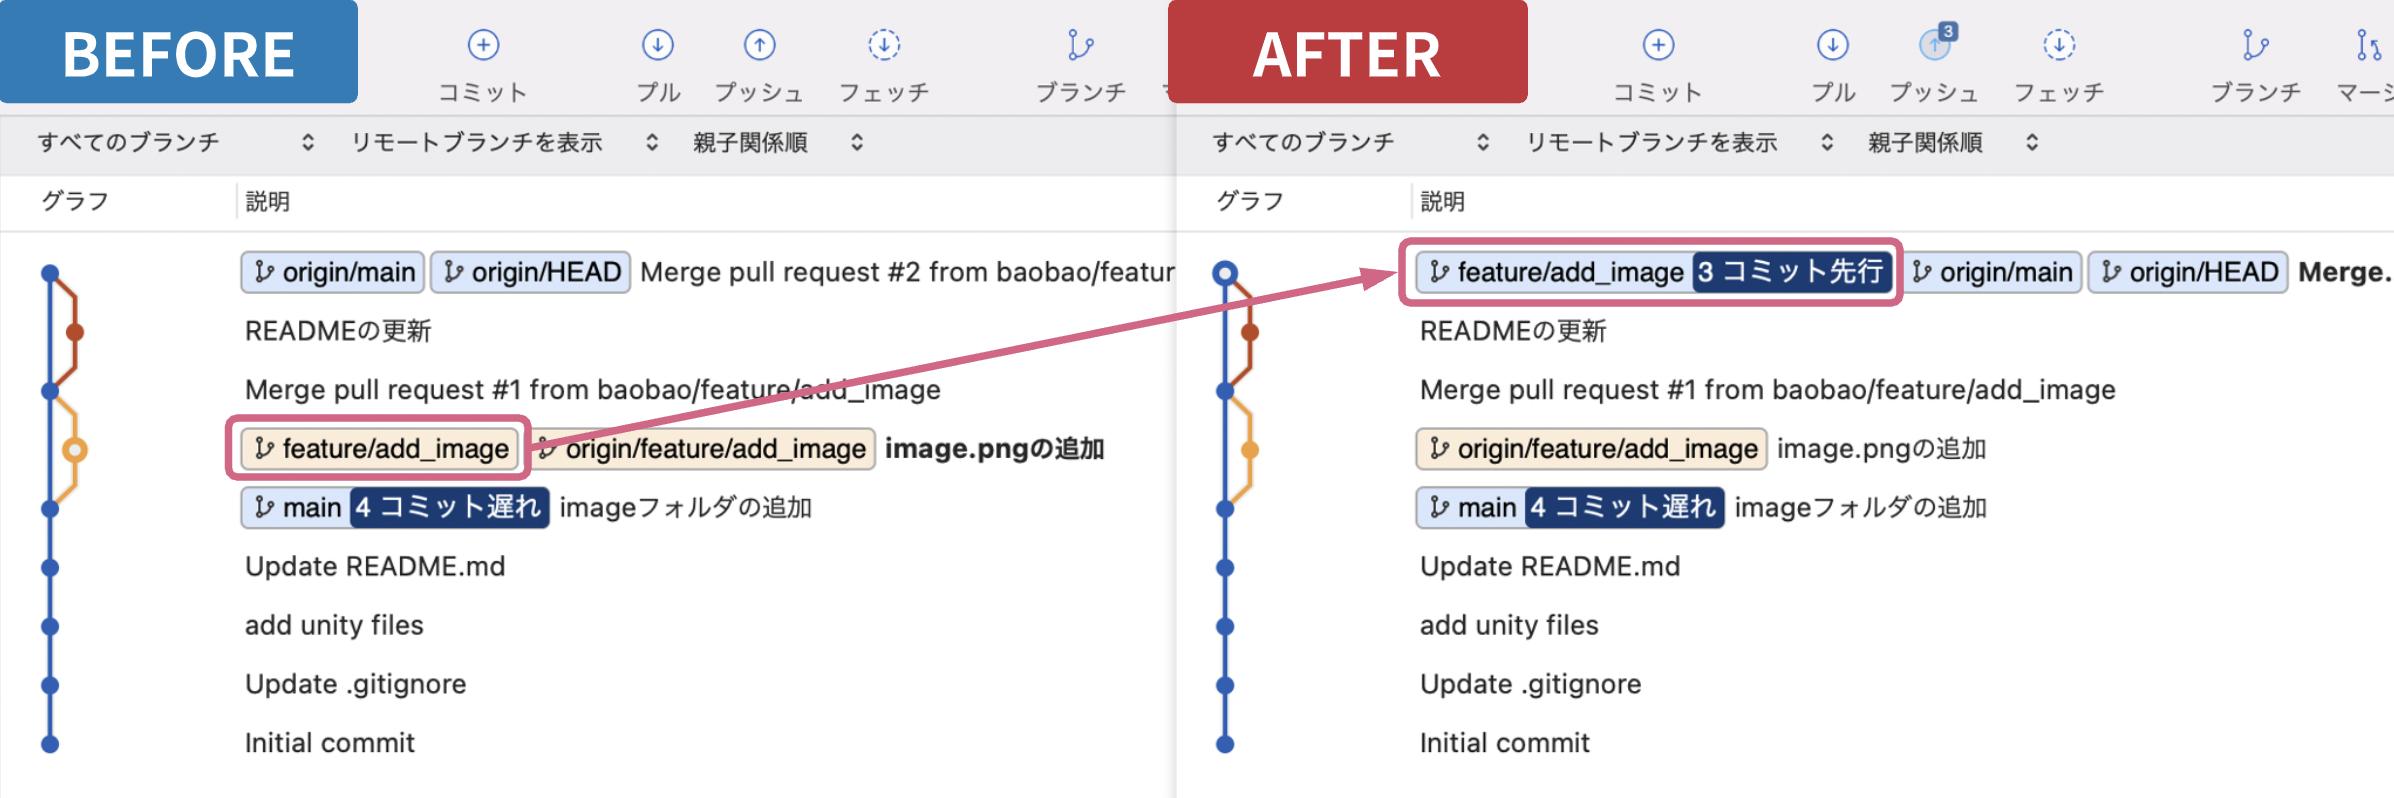 【基礎その2】UIデザイナーがUnityで画像ファイルを更新する方法_5